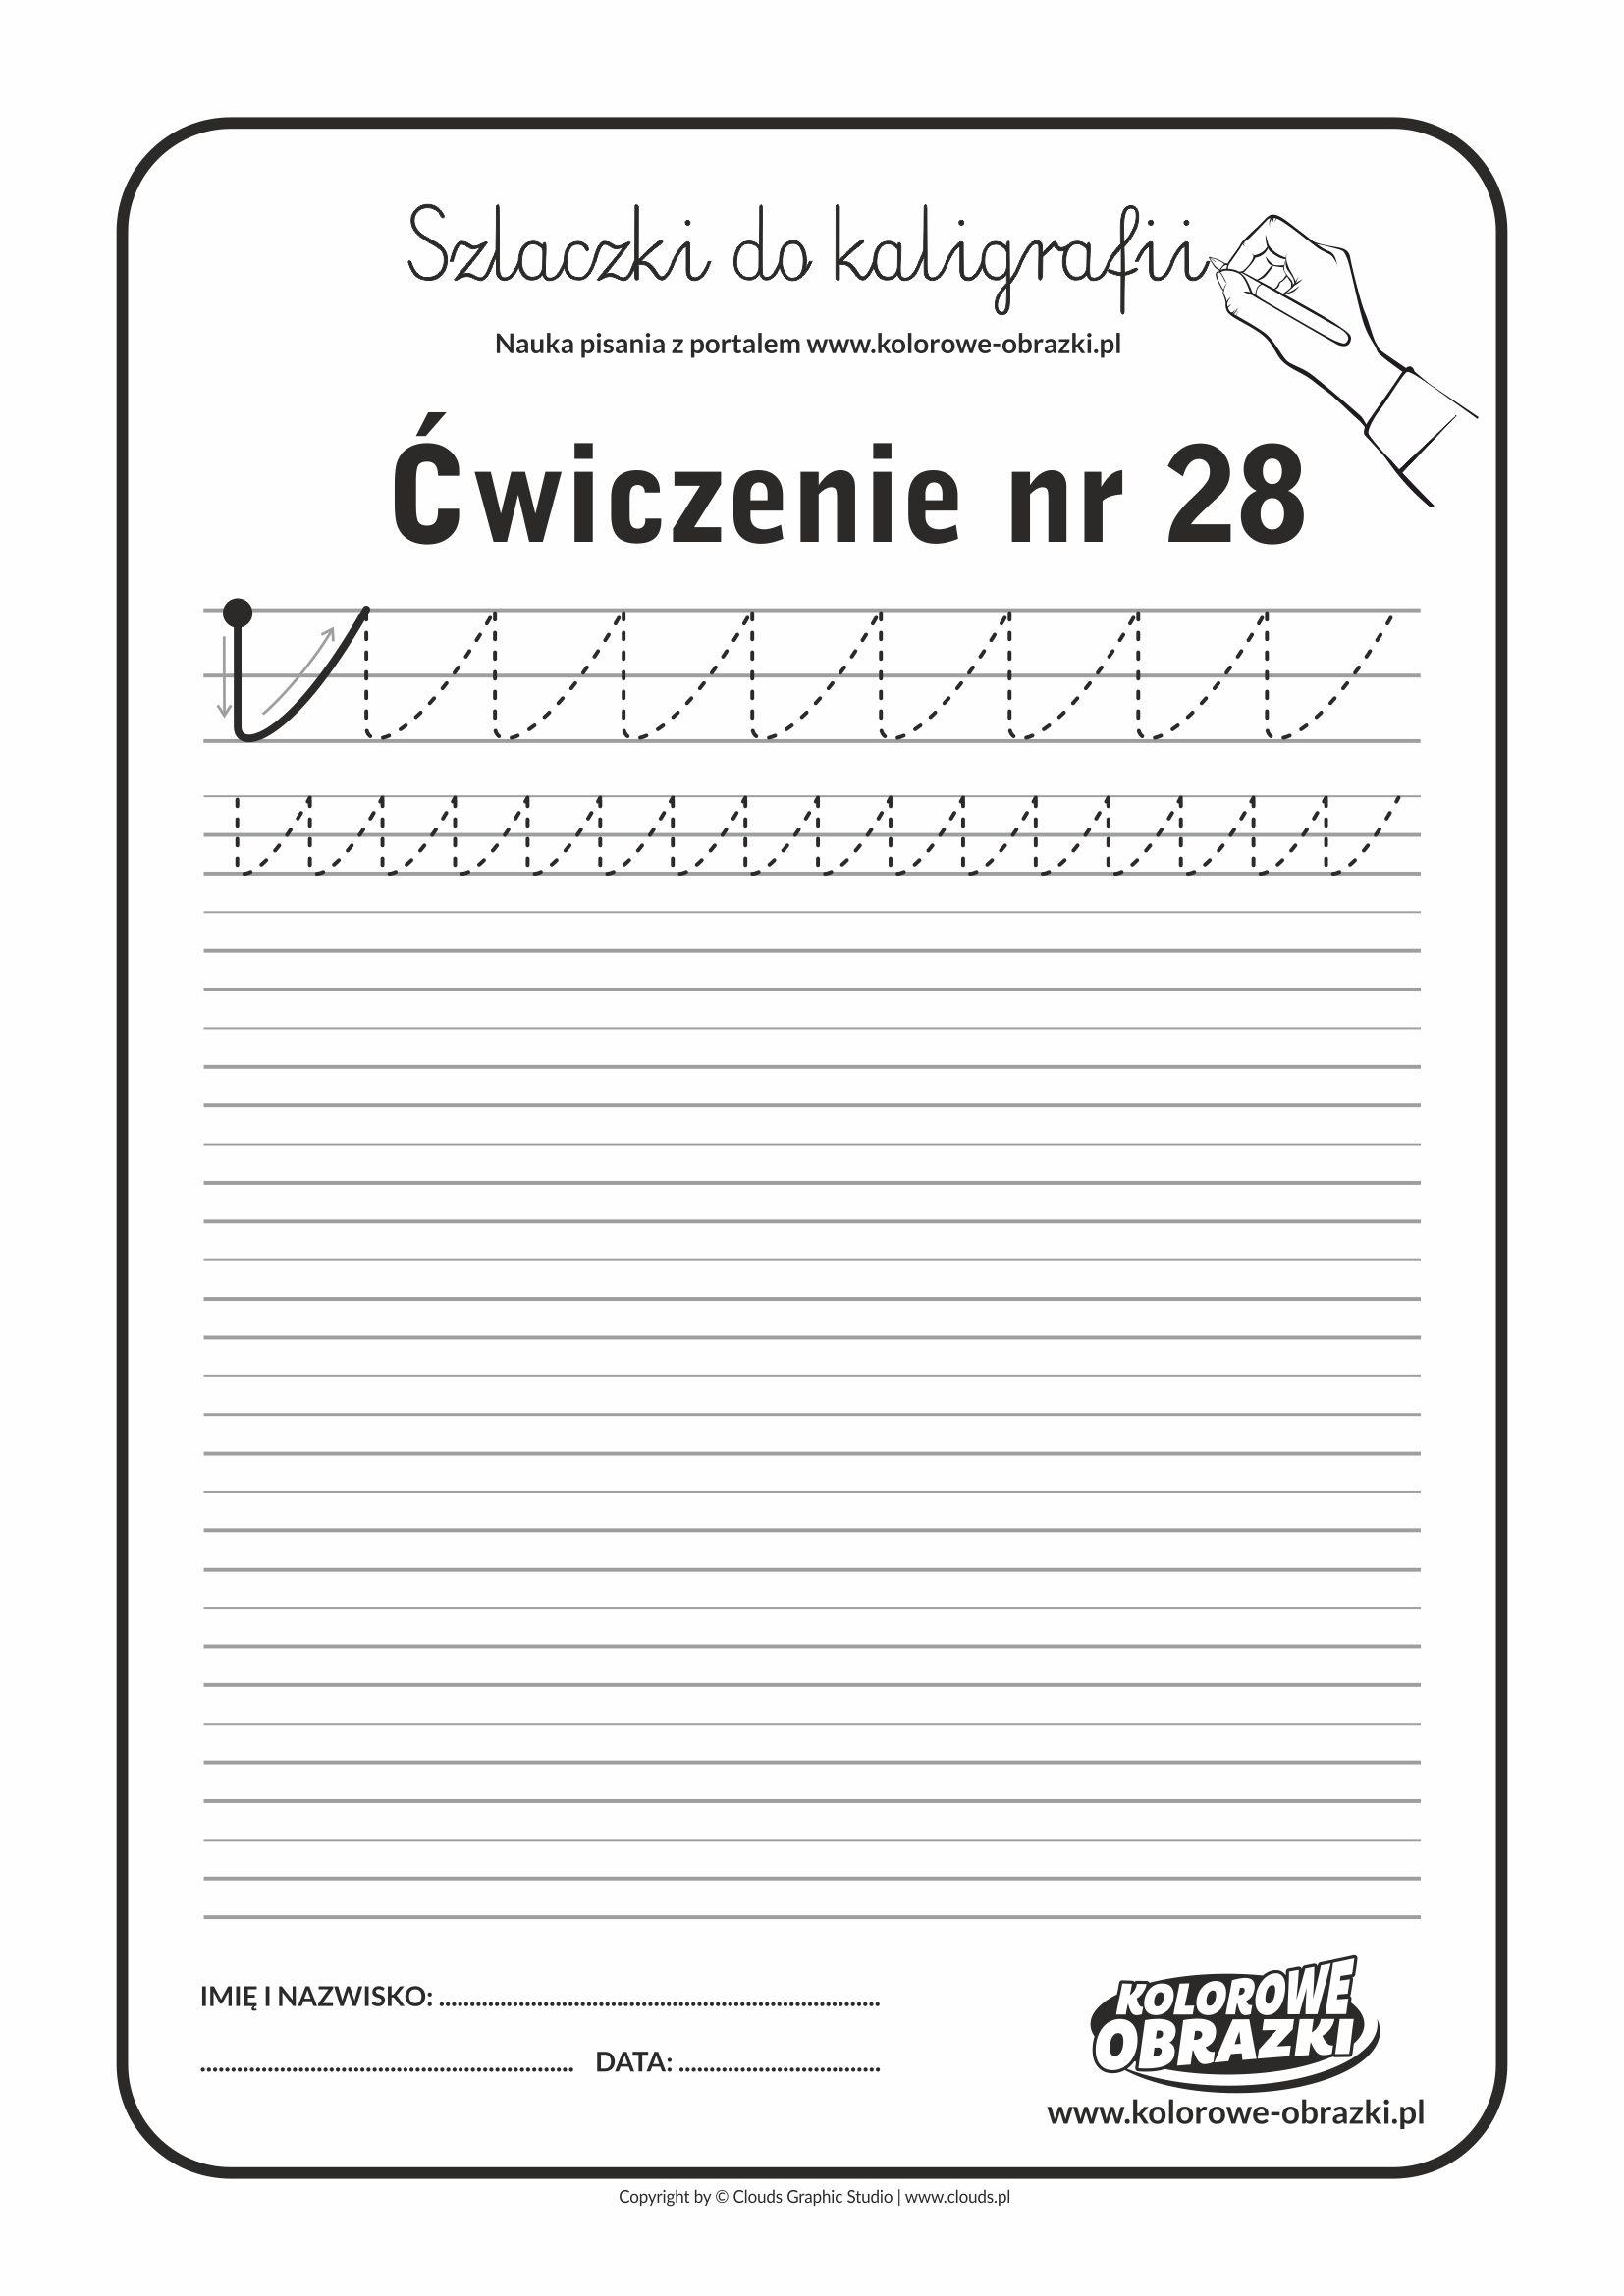 Kaligrafia dla dzieci - Ćwiczenia kaligraficzne / Szlaczki / Ćwiczenie nr 28